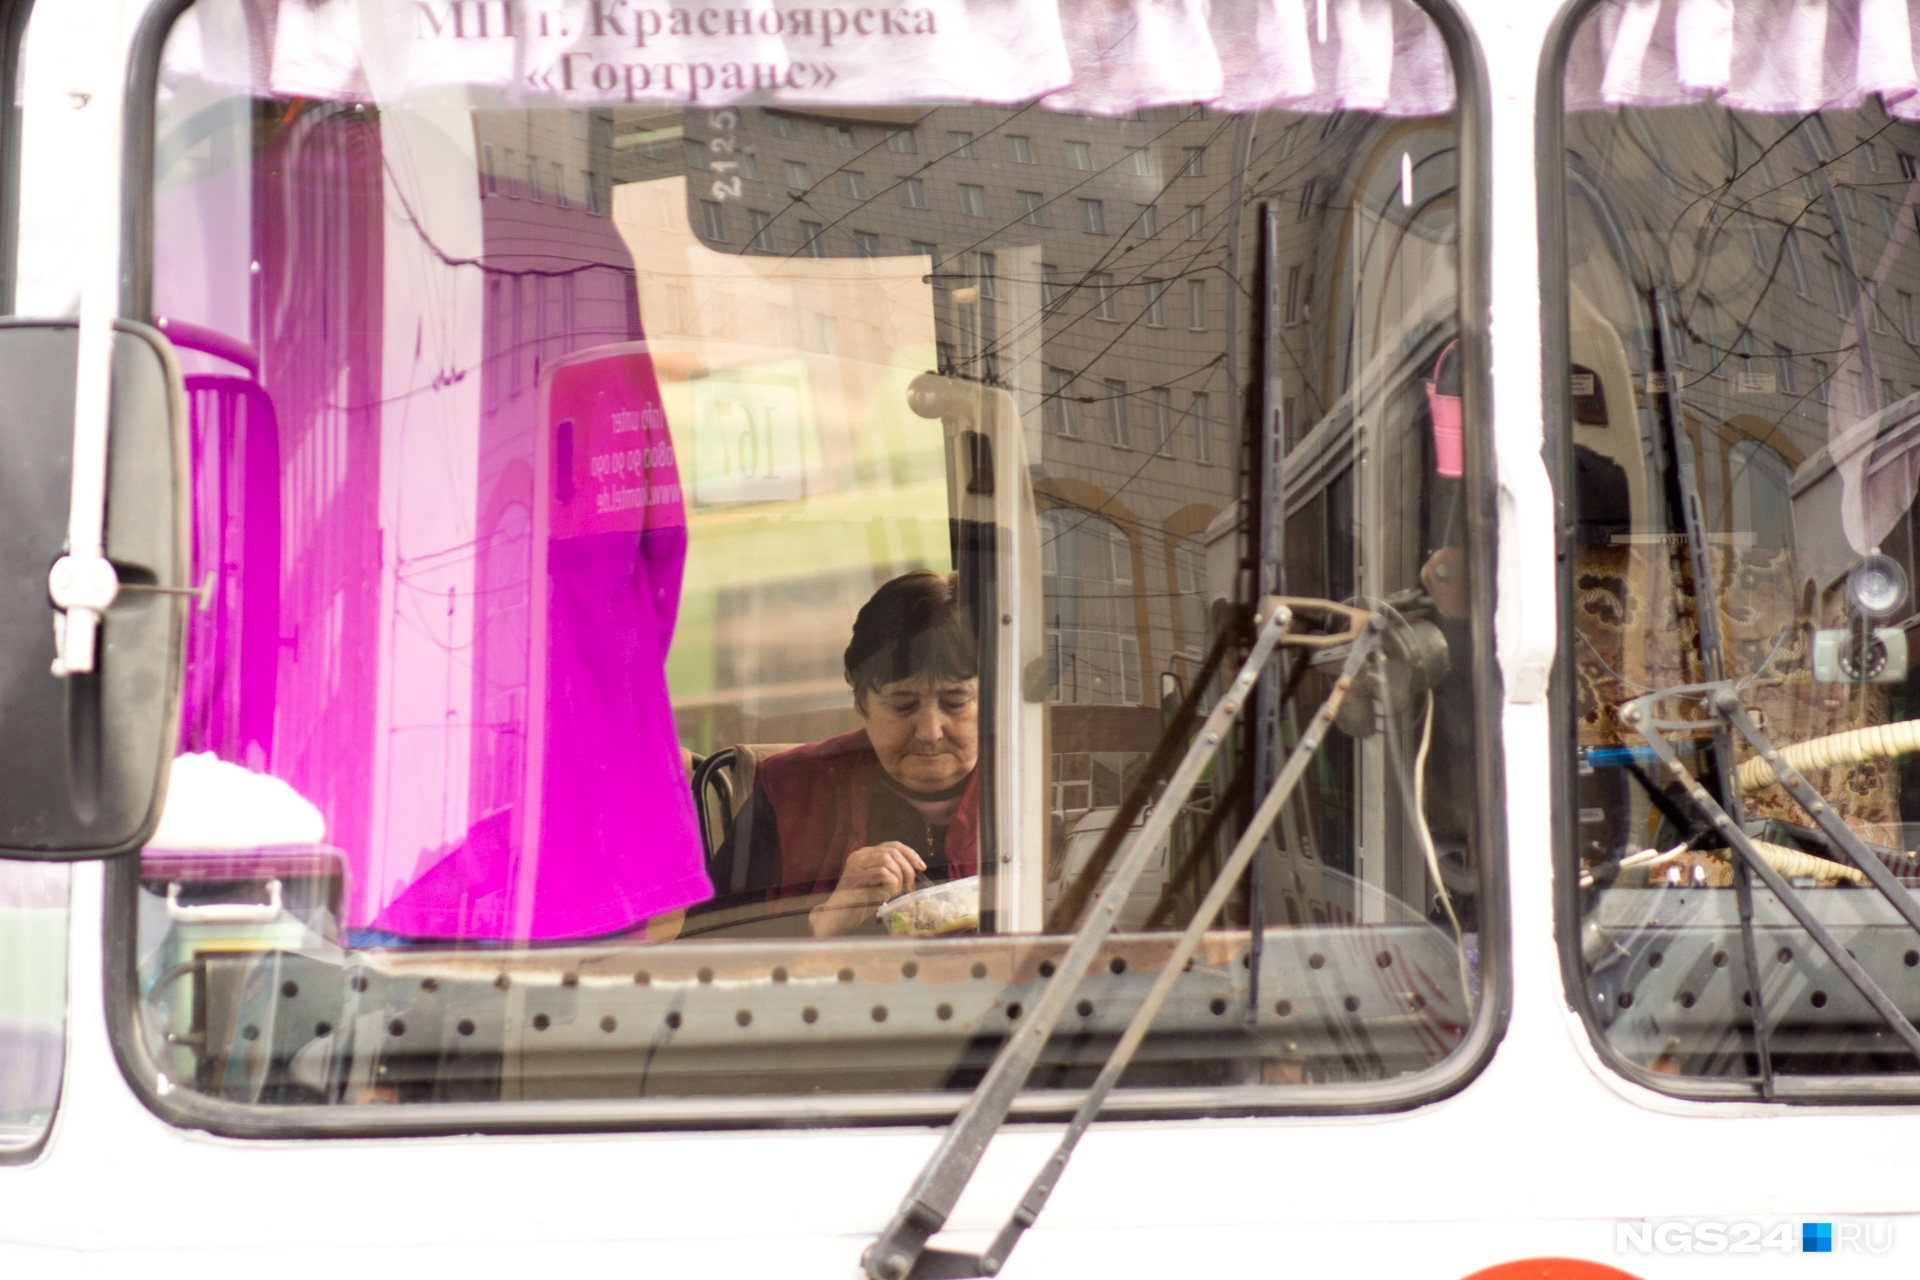 На конечных стоянках водители и кондукторы едят в салонах авто